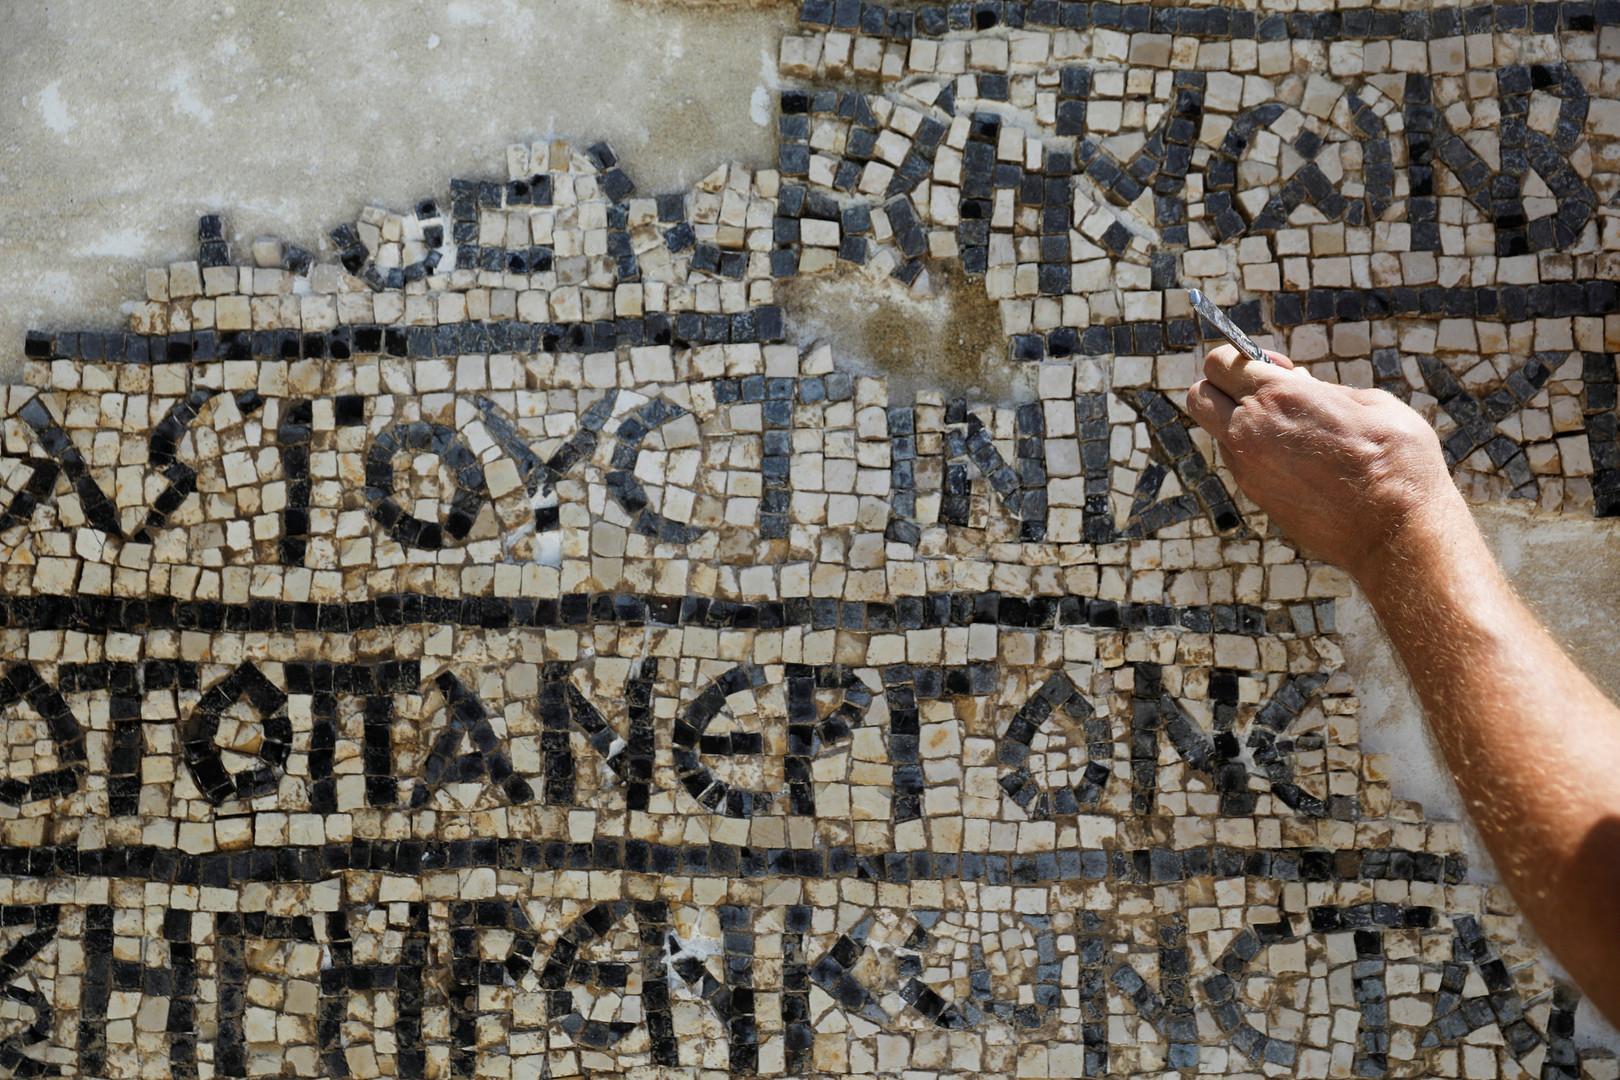 6. Jahrhundert nach Christus: Antiker Mosaikboden in Jerusalem ausgegraben